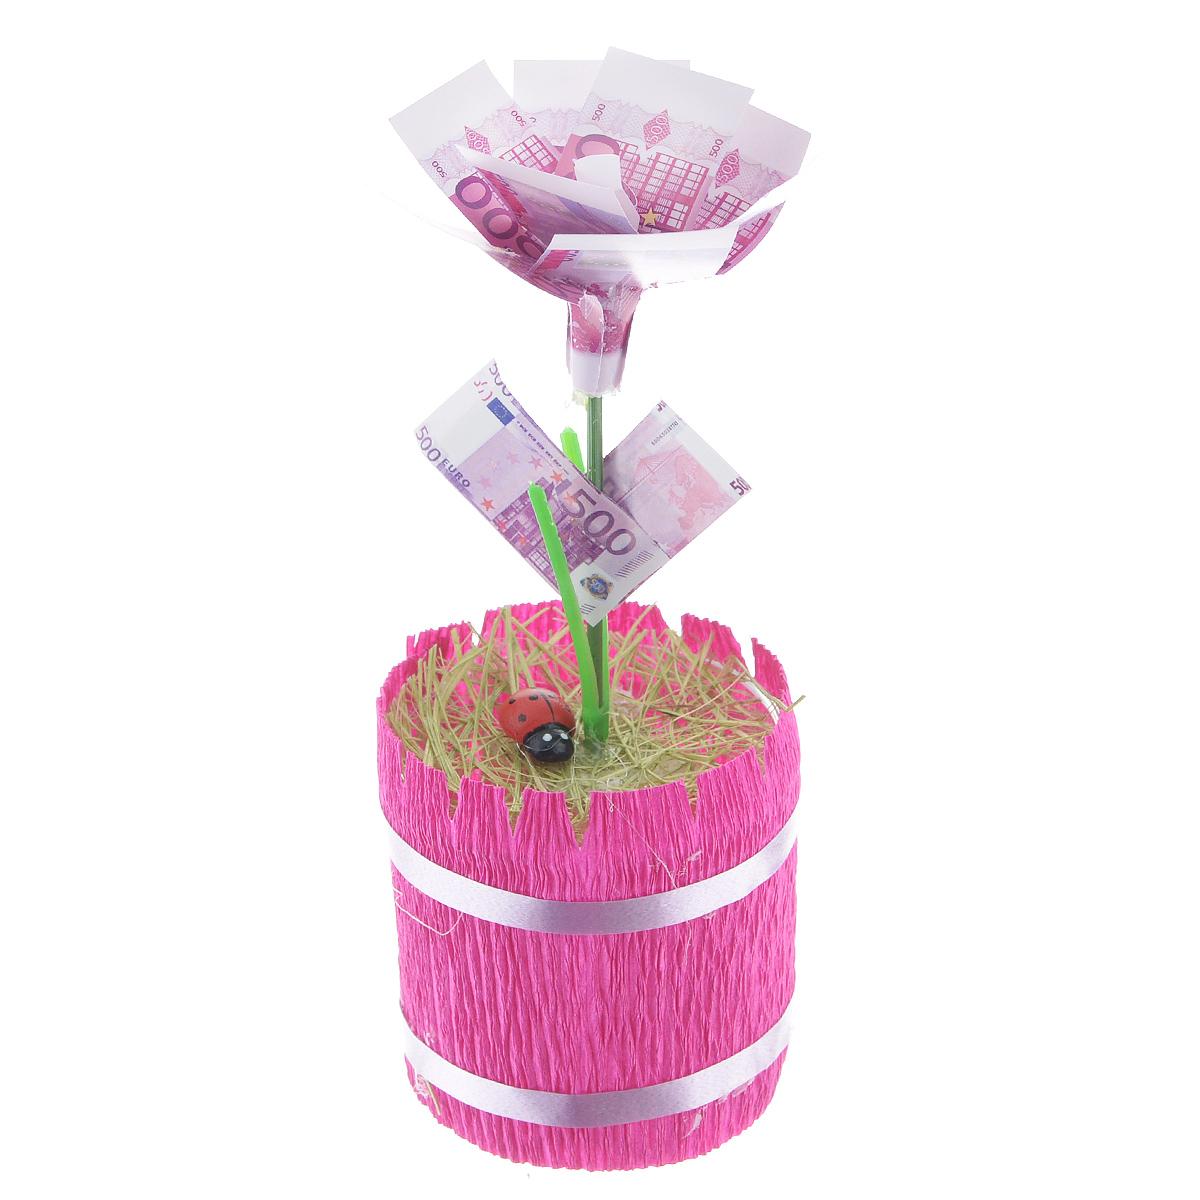 Денежный цветок Расцвет бизнеса. Евро, цвет: ярко-розовый, зеленый, белыйЭТ3_медный антикНастольная композиция Расцвет бизнеса. Евро выполнена в виде симпатичного денежного цветка. На пластиковый стебель цветка насажены миниатюрные купюры достоинством в 500 евро. Цветок закреплен в стеклянном стакане-горшочке, оформленном гофрированной бумагой. У основания цветка расположена забавная божья коровка.Такой симпатичный денежный цветок будет отличным подарком к любому случаю! Высота цветка: 13,5 см. Диаметр цветка: 5,5 см.